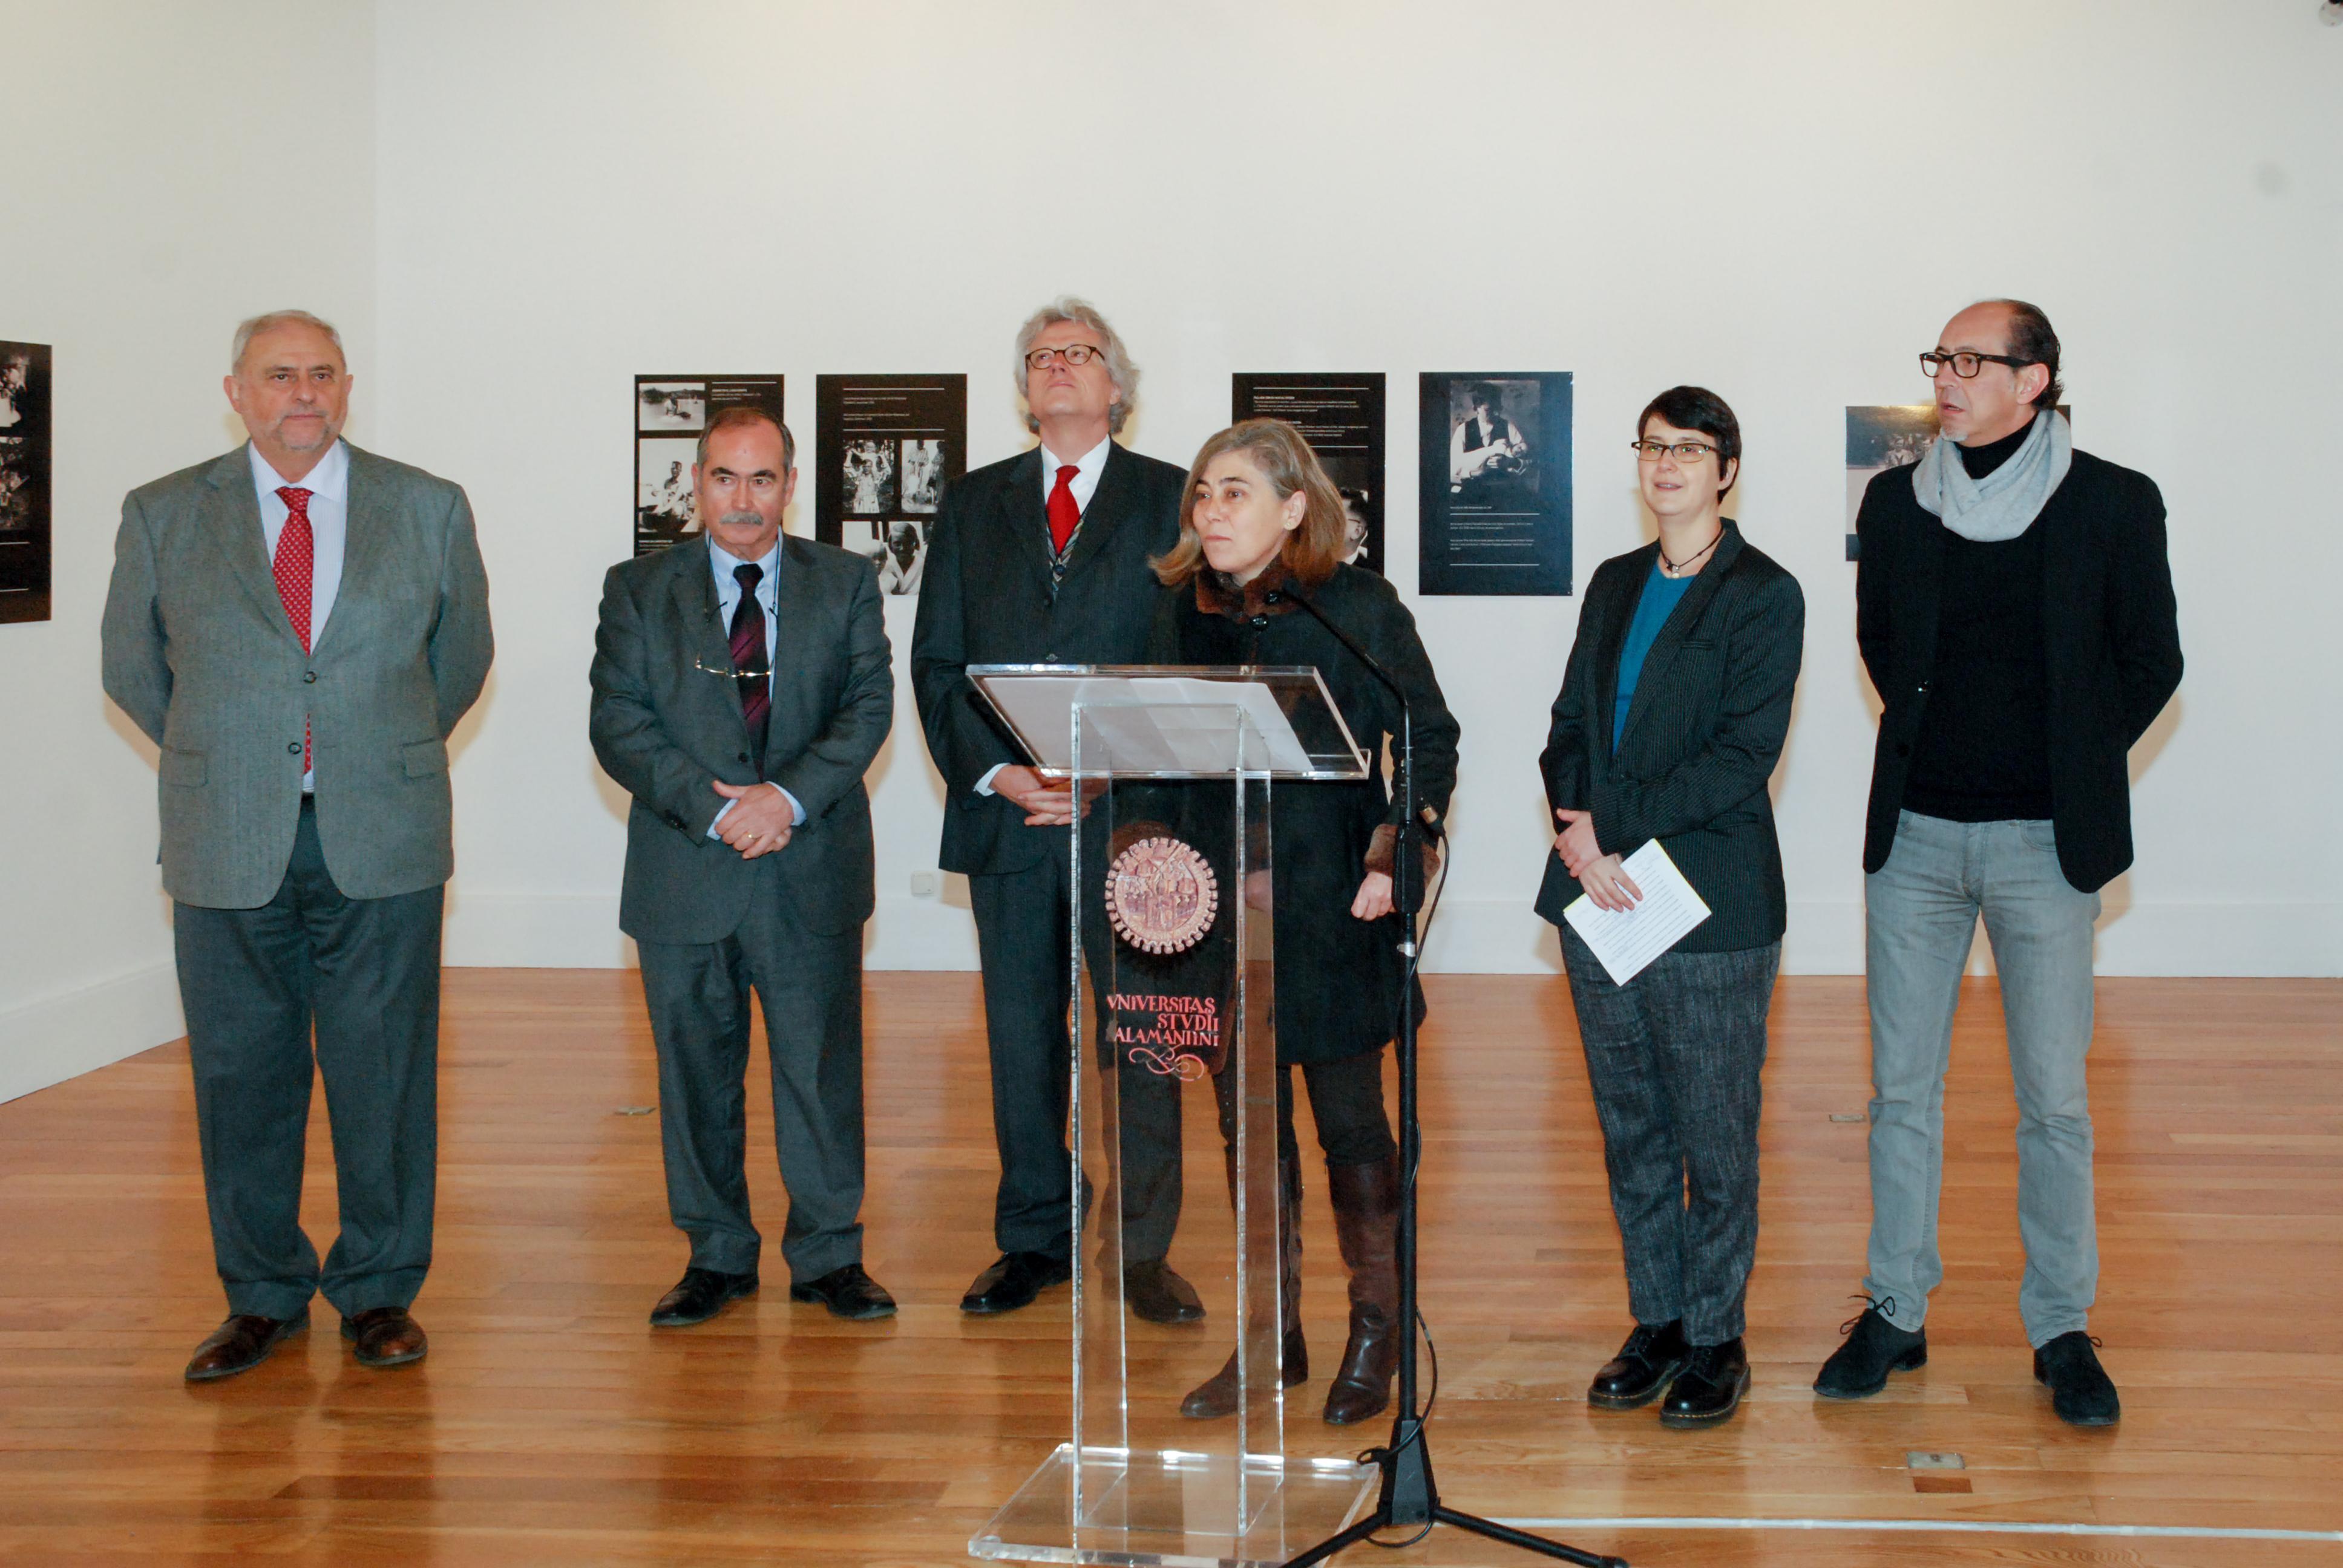 El Servicio de Actividades Culturales presenta una exposición sobre la vida y obra del escritor alemán Hans Fallada